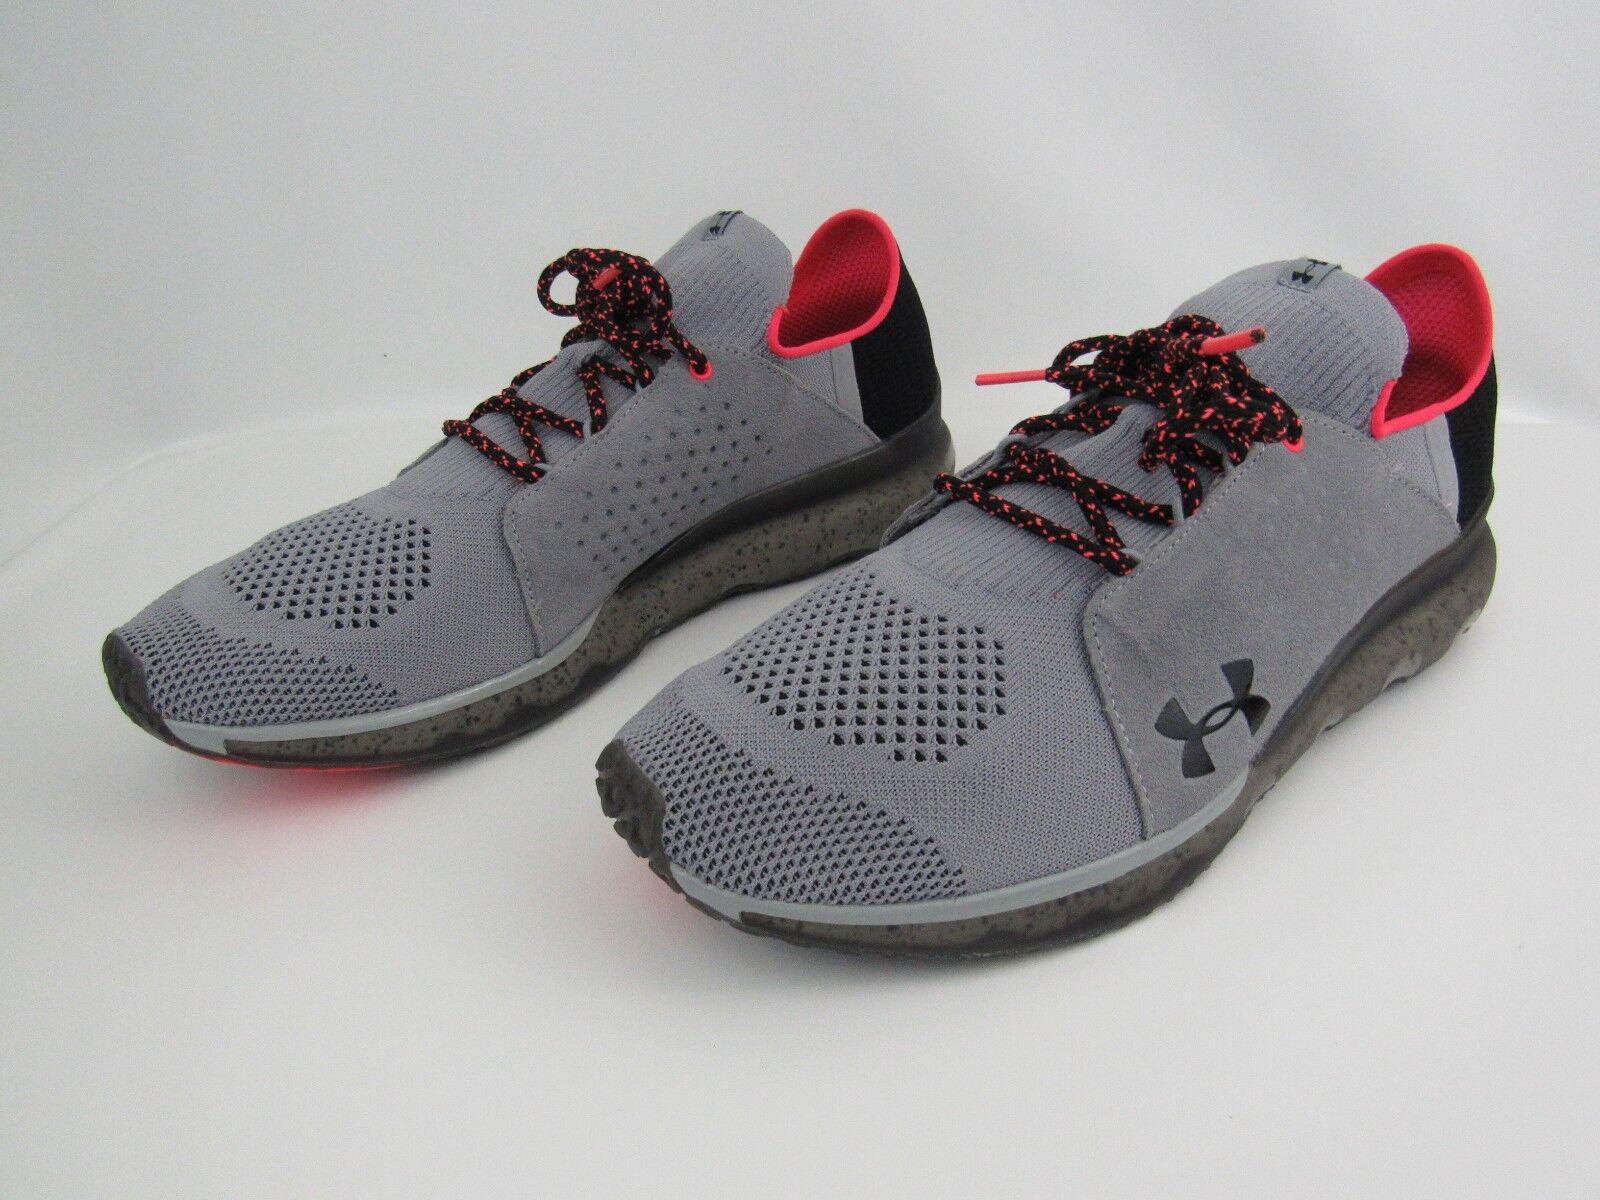 Under Under Under Armour Threadborne Reveal Running Chaussures Homme SZ 12 Gris 1302479-102 4ca17a